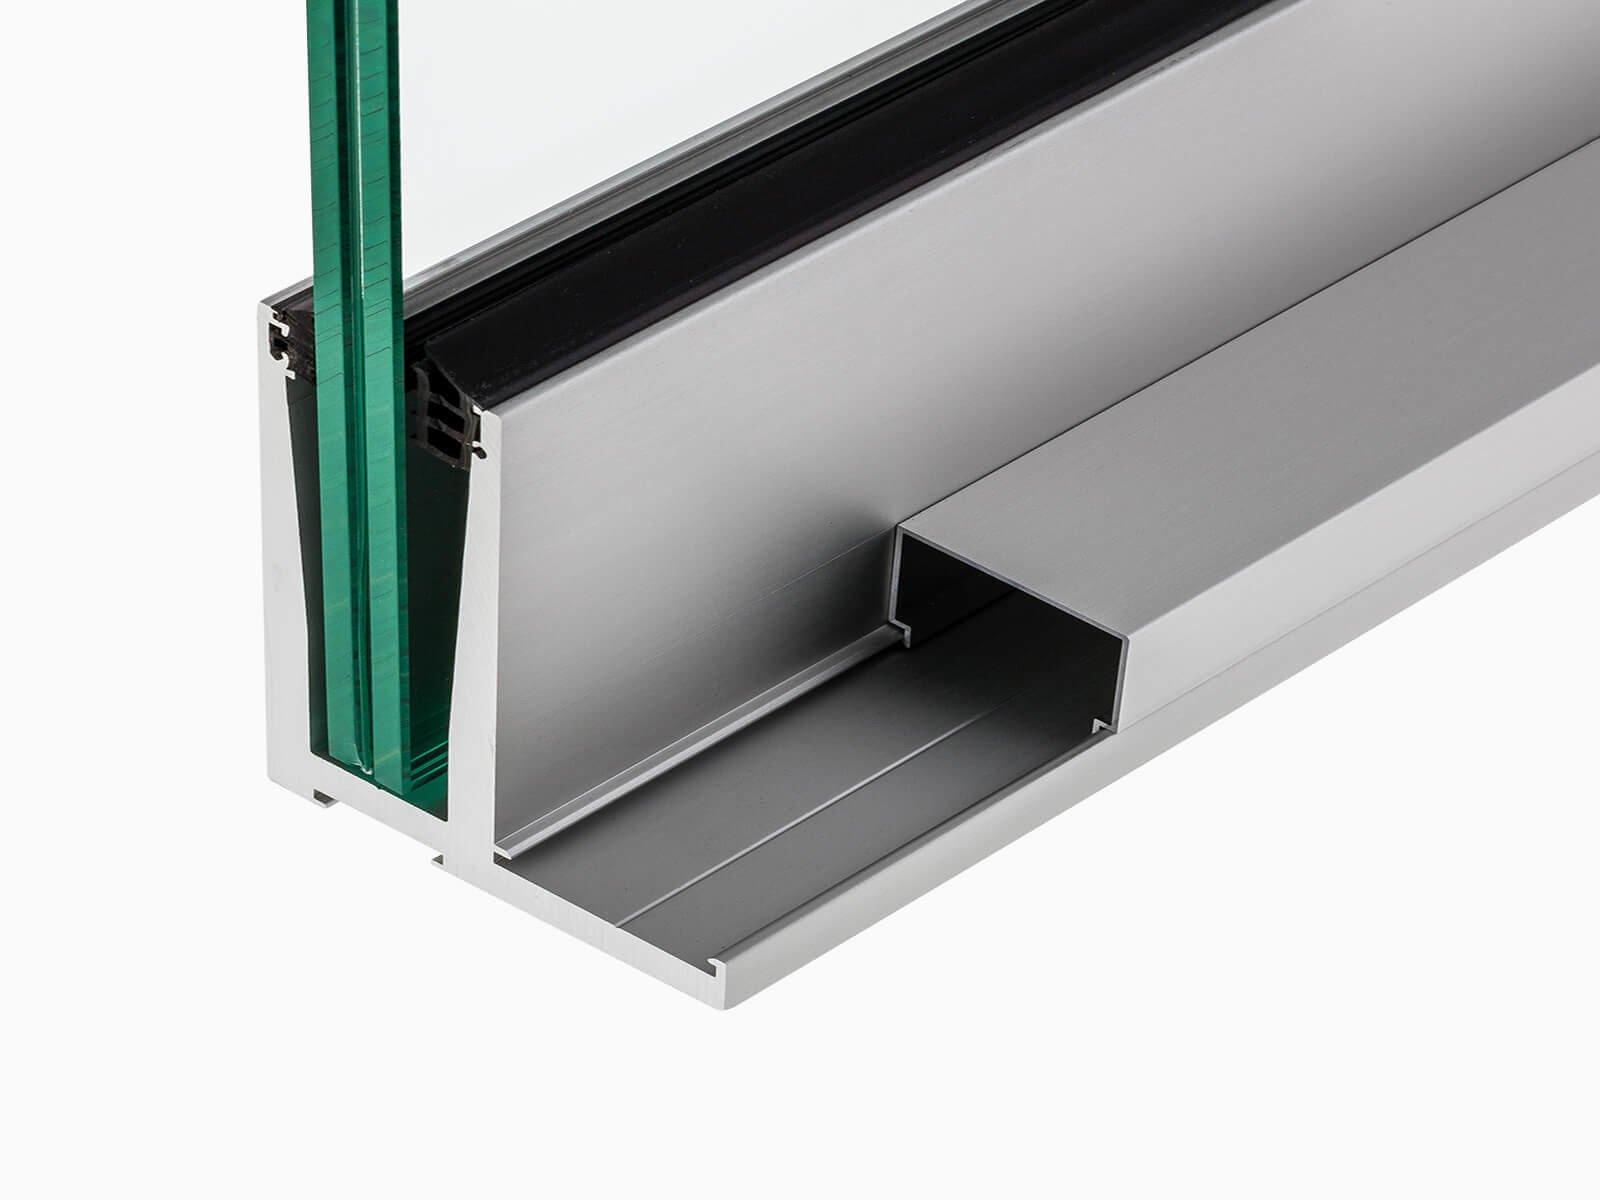 Glasbrüstung aus Edelstahl mit zusätzlichem Befestigungsflansch für die bündige Montage zur Absturzkante